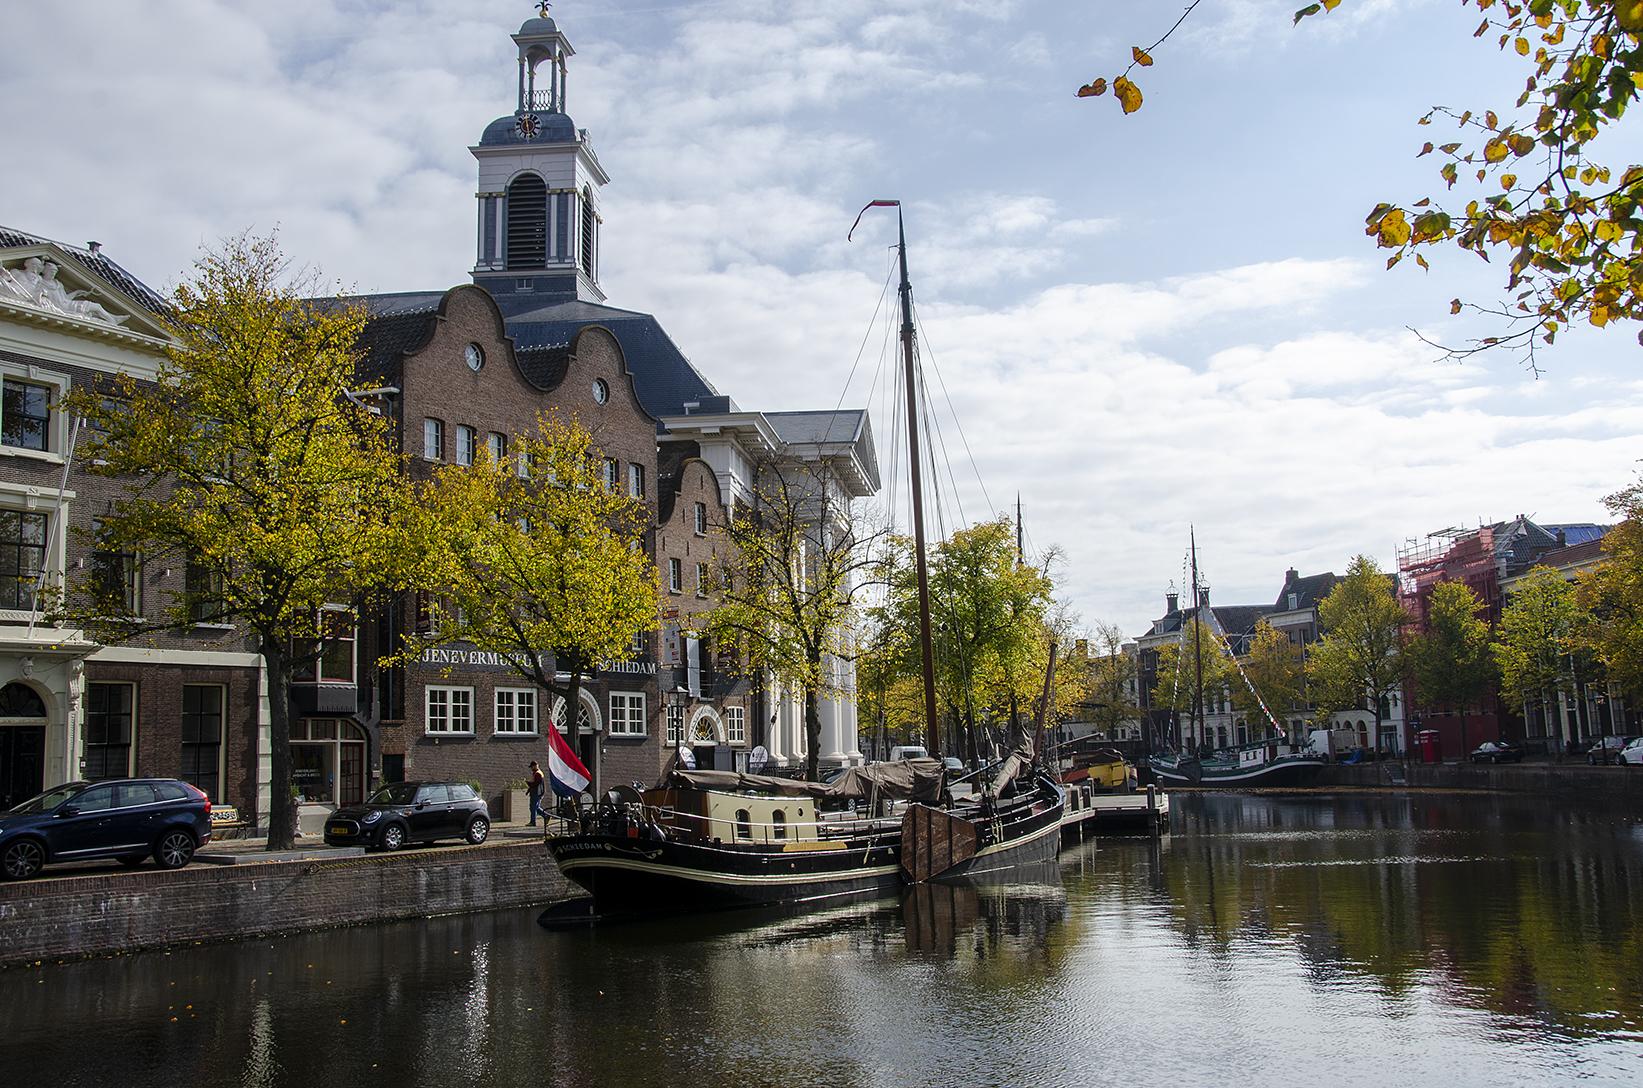 Jenevermuseum aan de Schie in Schiedam